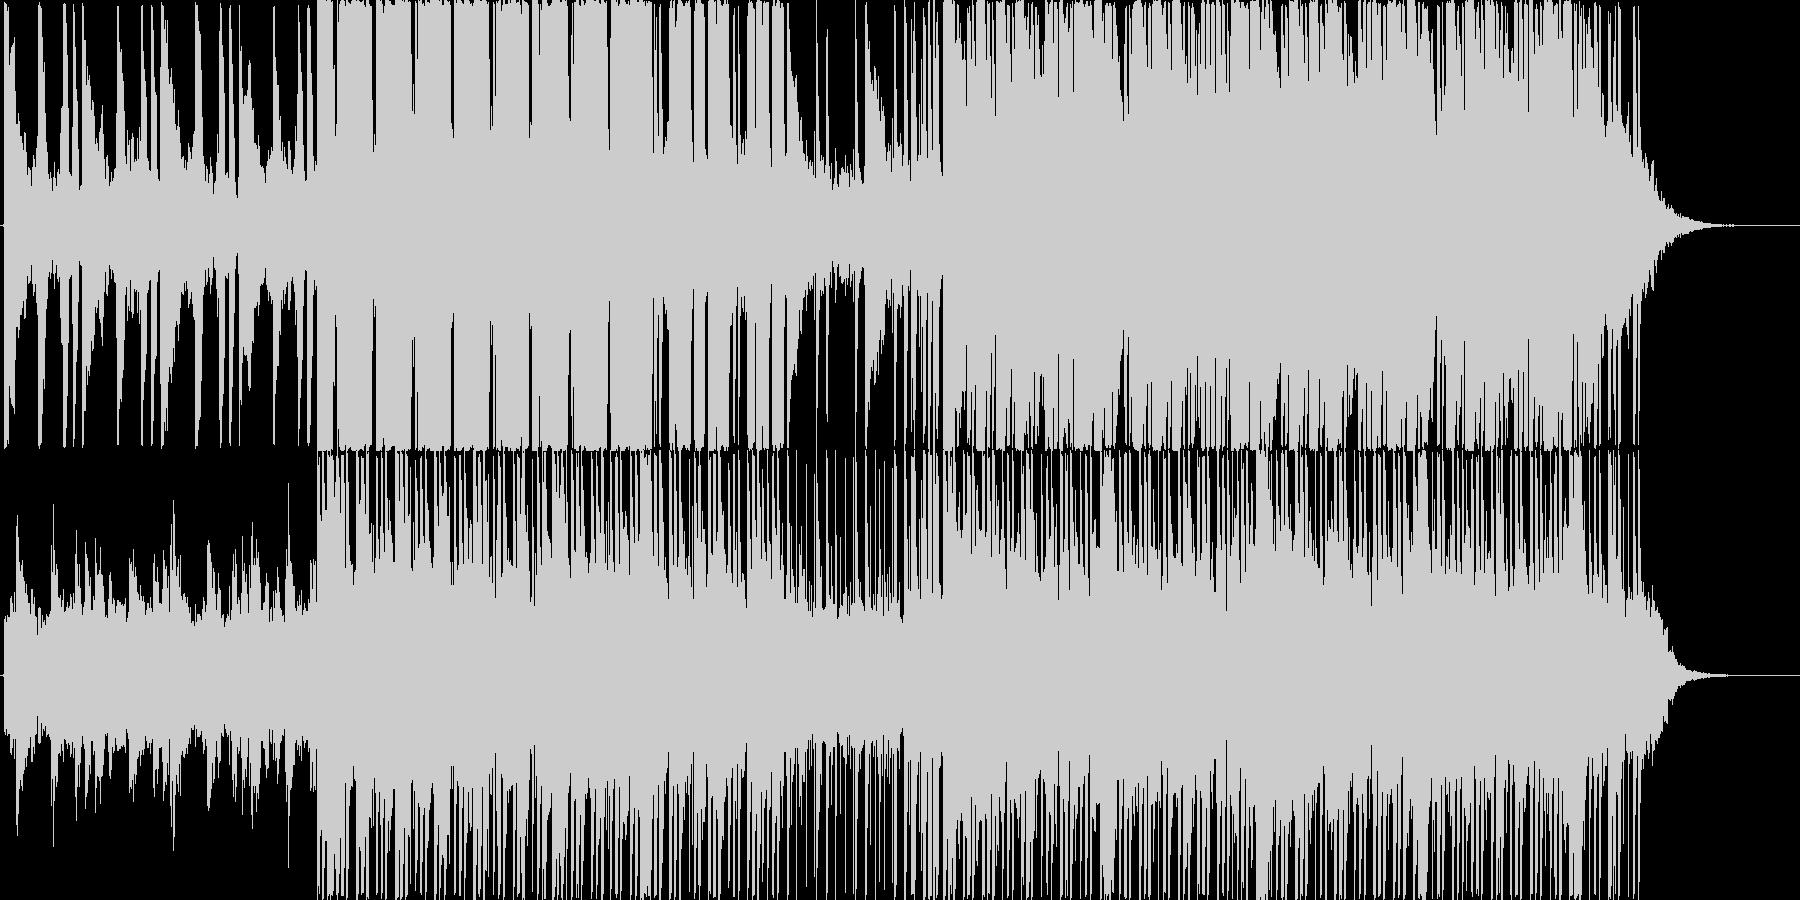 映像向けにの未再生の波形